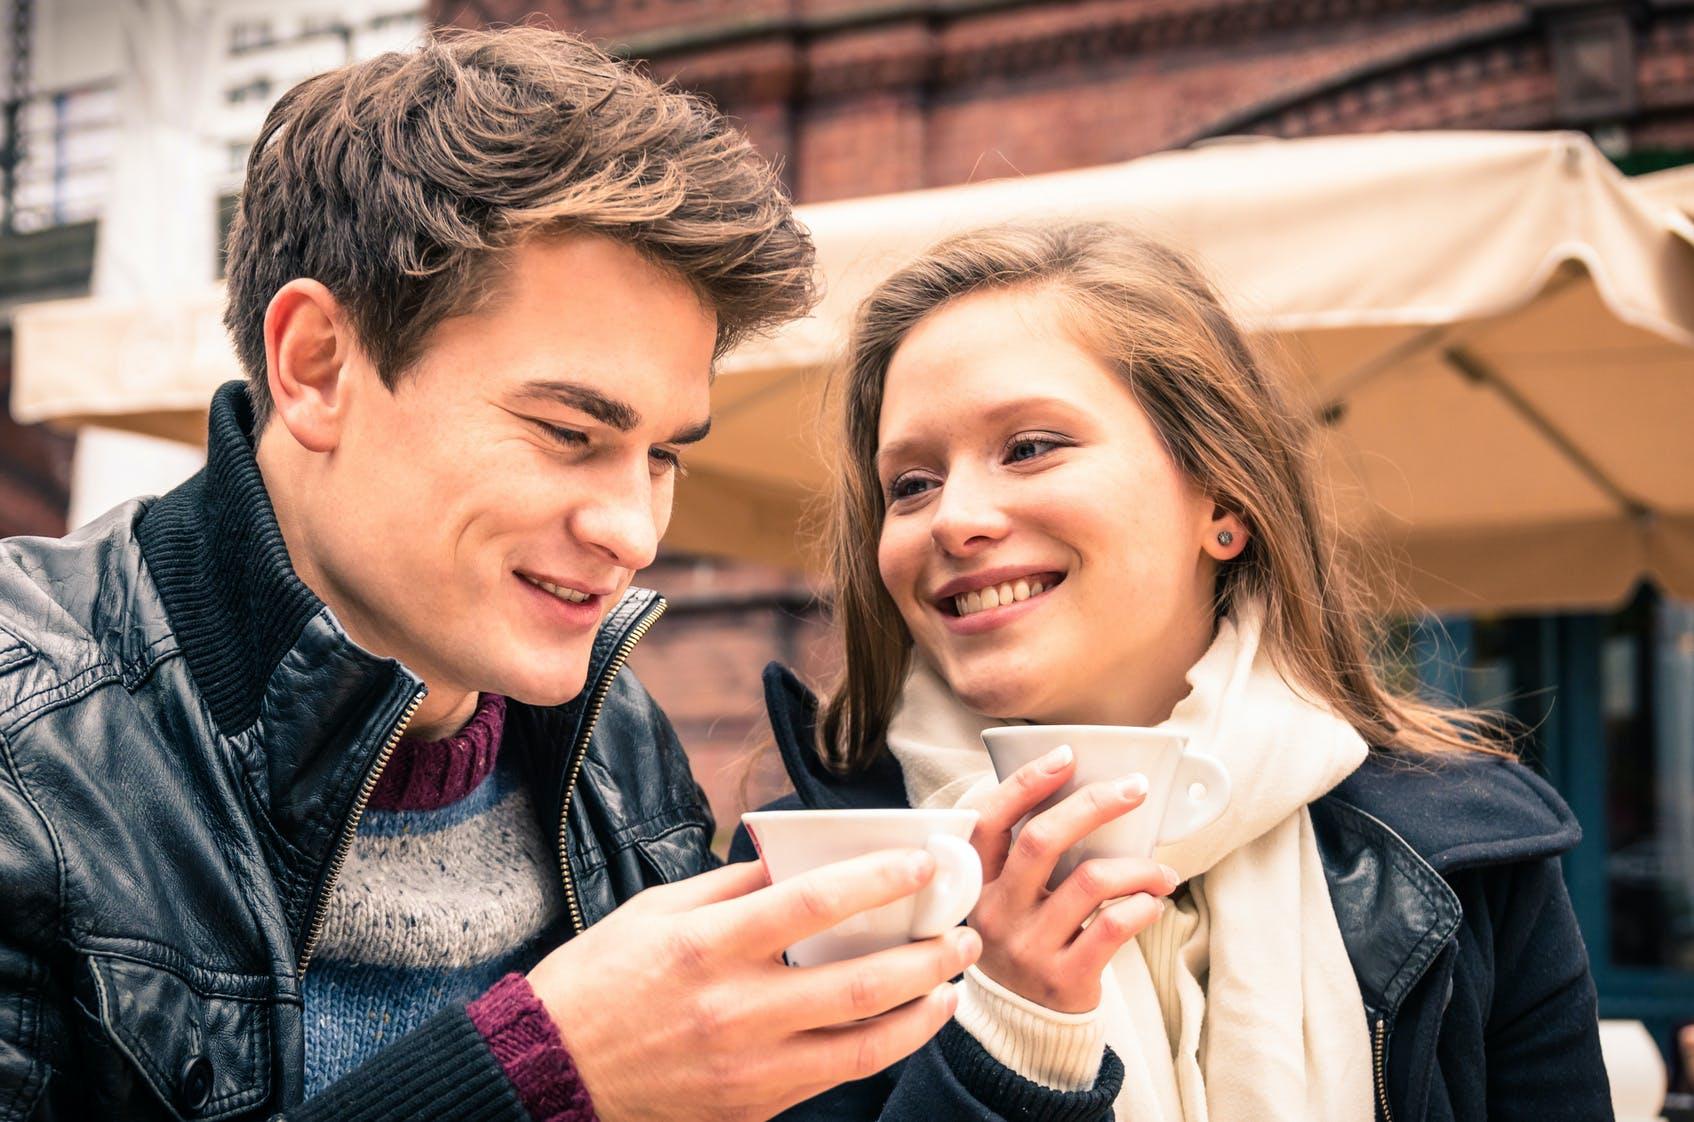 Μεθυσμένος/η σε απευθείας σύνδεση dating